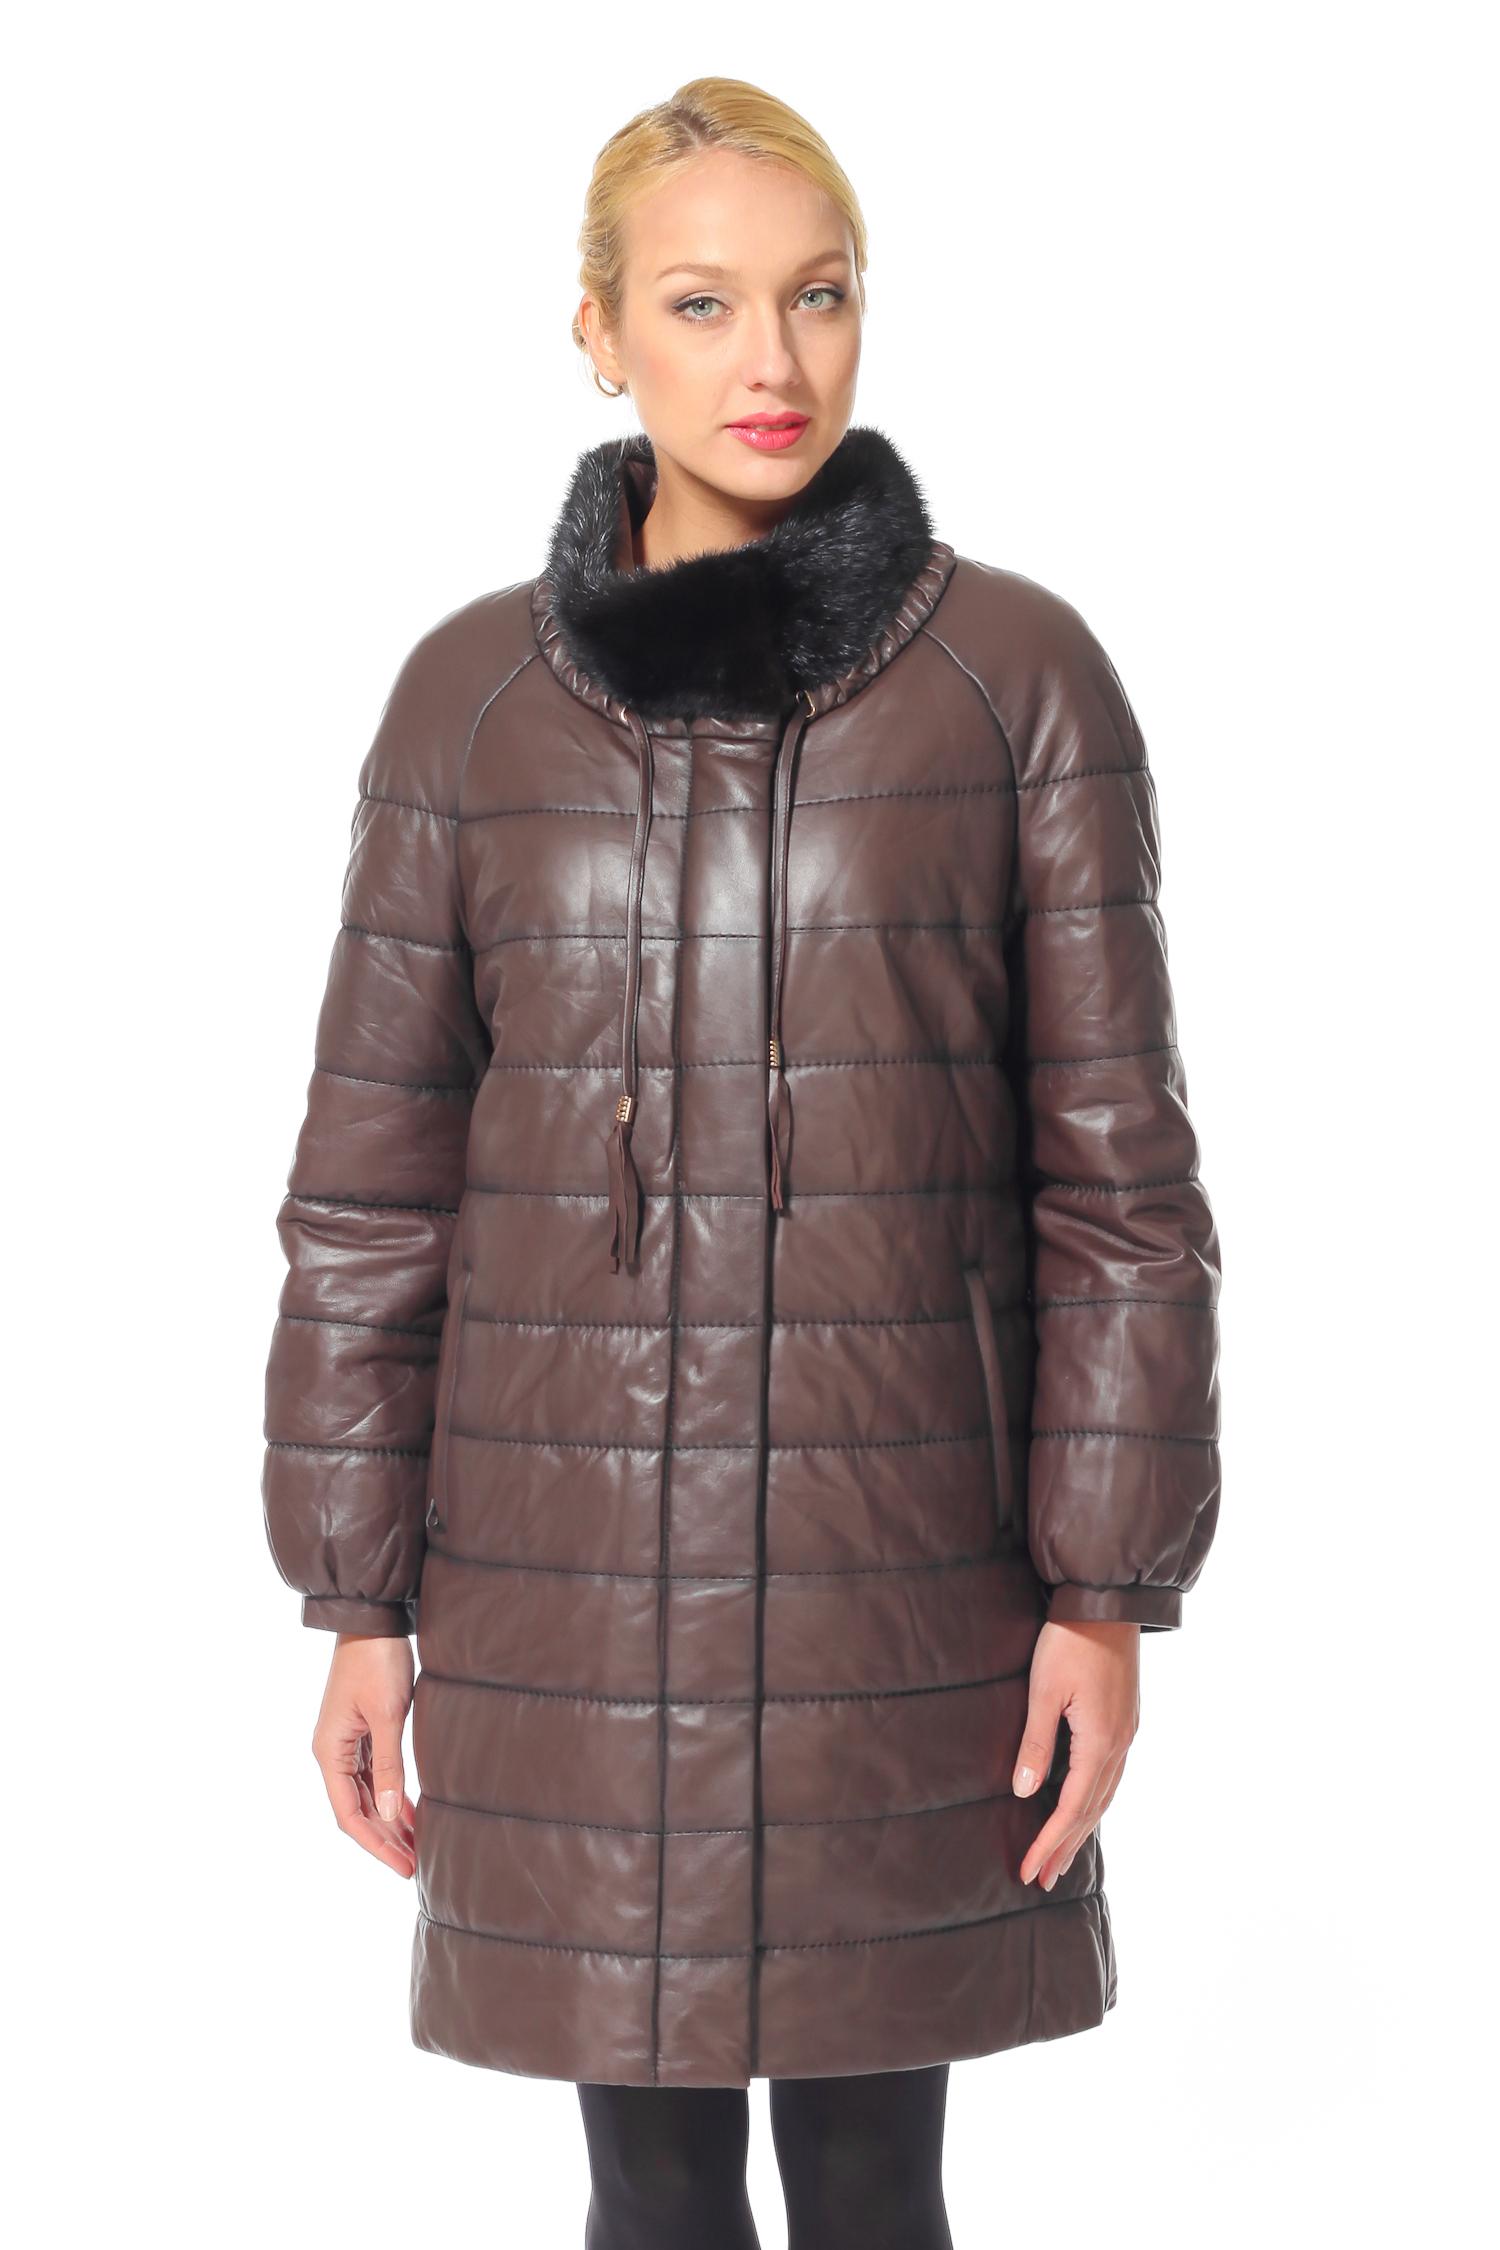 Женское кожаное пальто из натуральной кожи с воротником, отделка норка Женское кожаное пальто из натуральной кожи с воротником, отделка норка